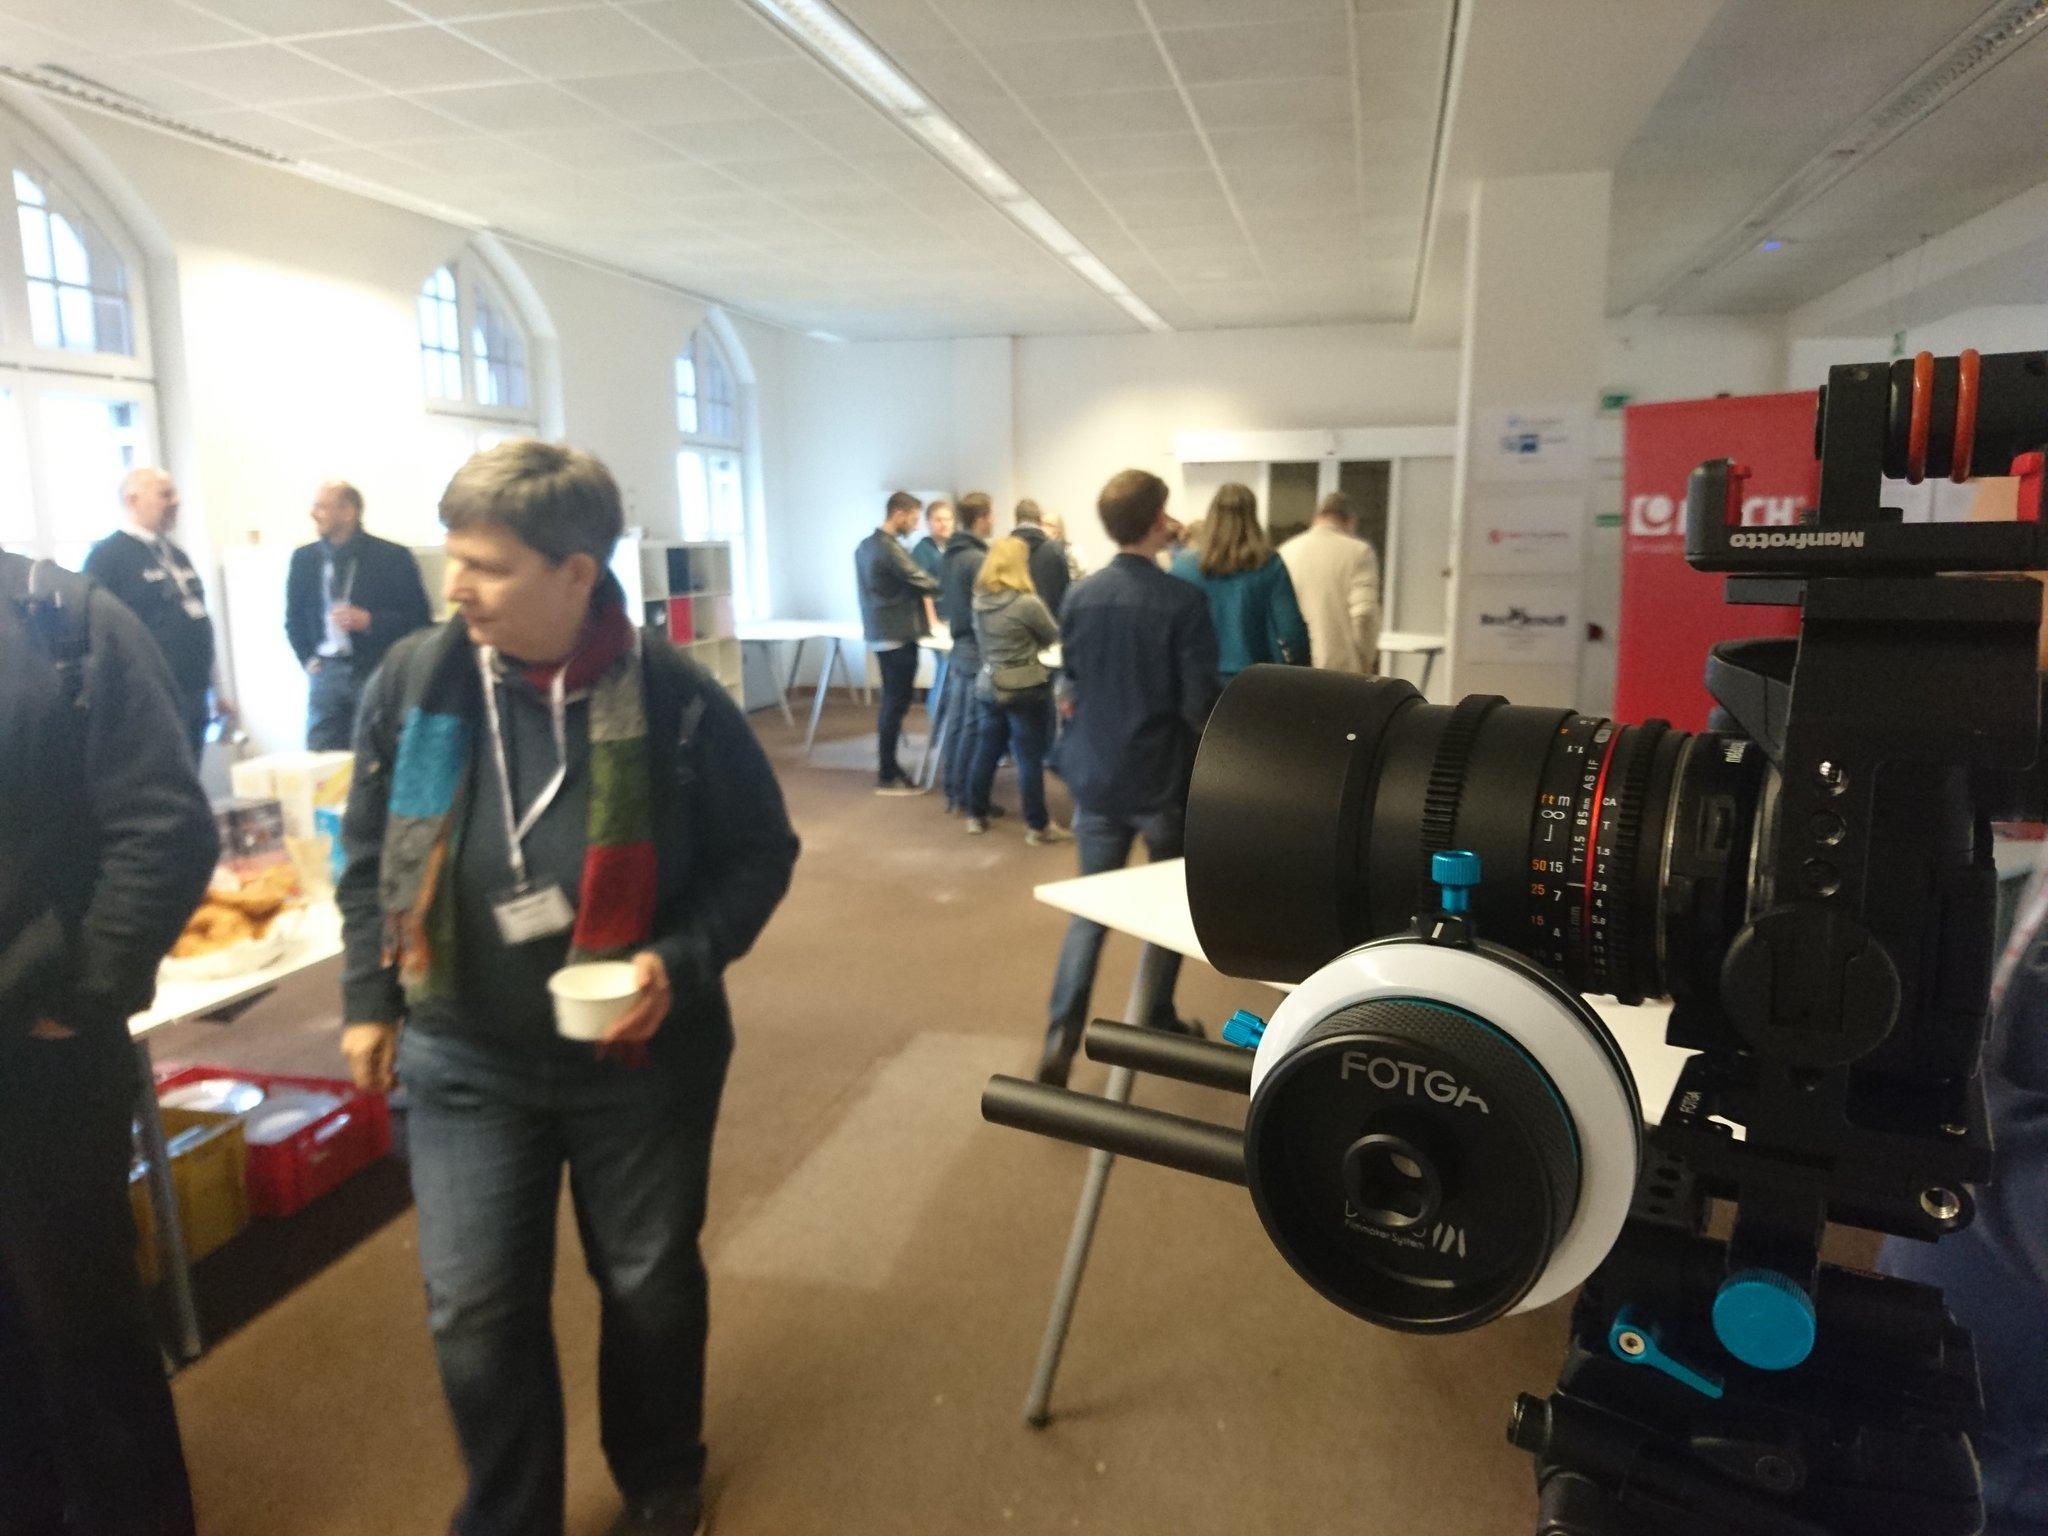 10 min. noch dann lad Lübecks erstes Barcamp zur Begrüßung ein! #bchl16 #goodcam #keeksmiling https://t.co/Ccu01Hqrh2